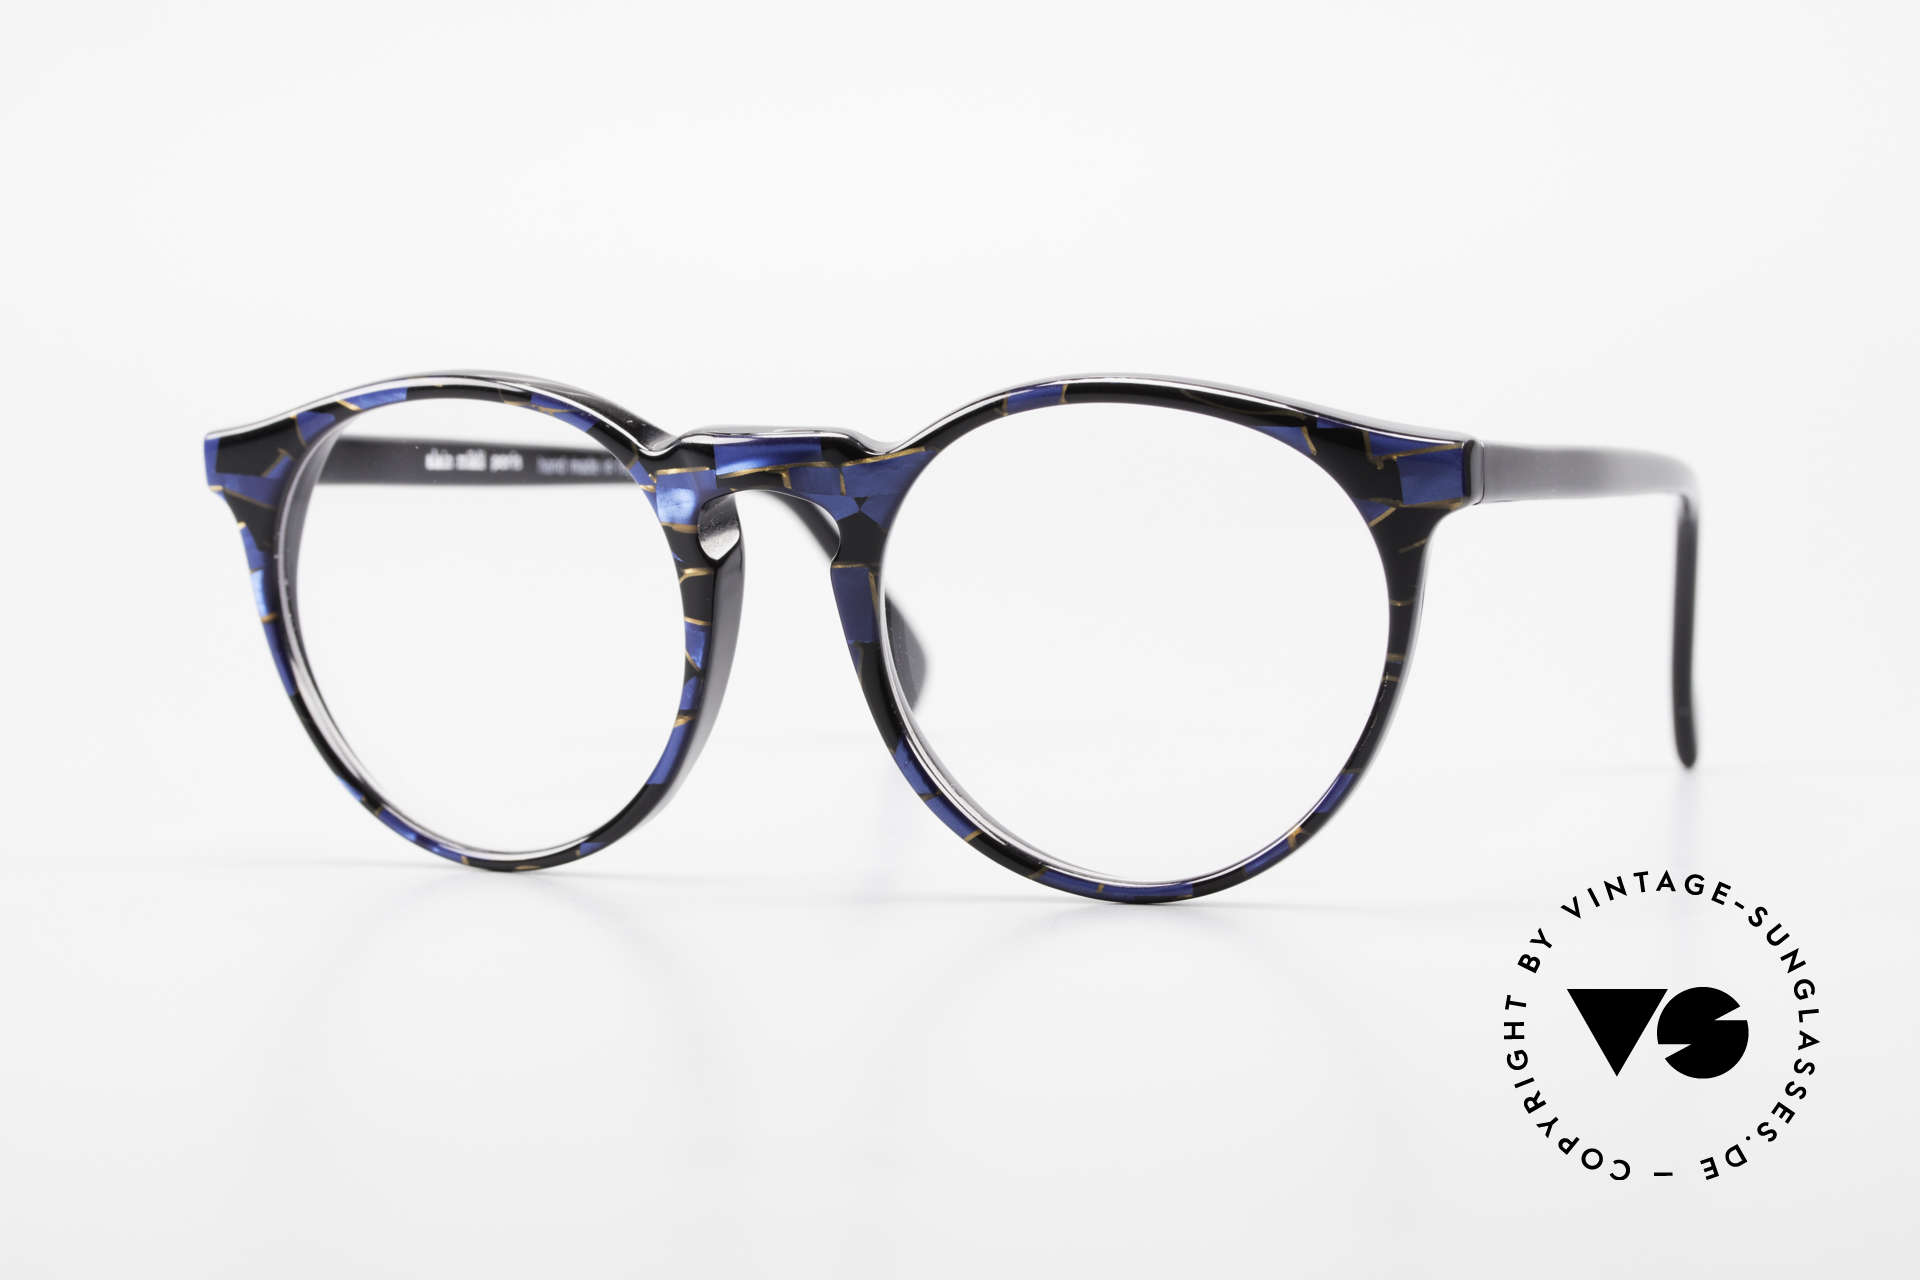 Alain Mikli 034 / 898 Vintage Designer Panto Brille, zeitlose Alain Mikli Paris Designer-Brillenfassung, Passend für Herren und Damen